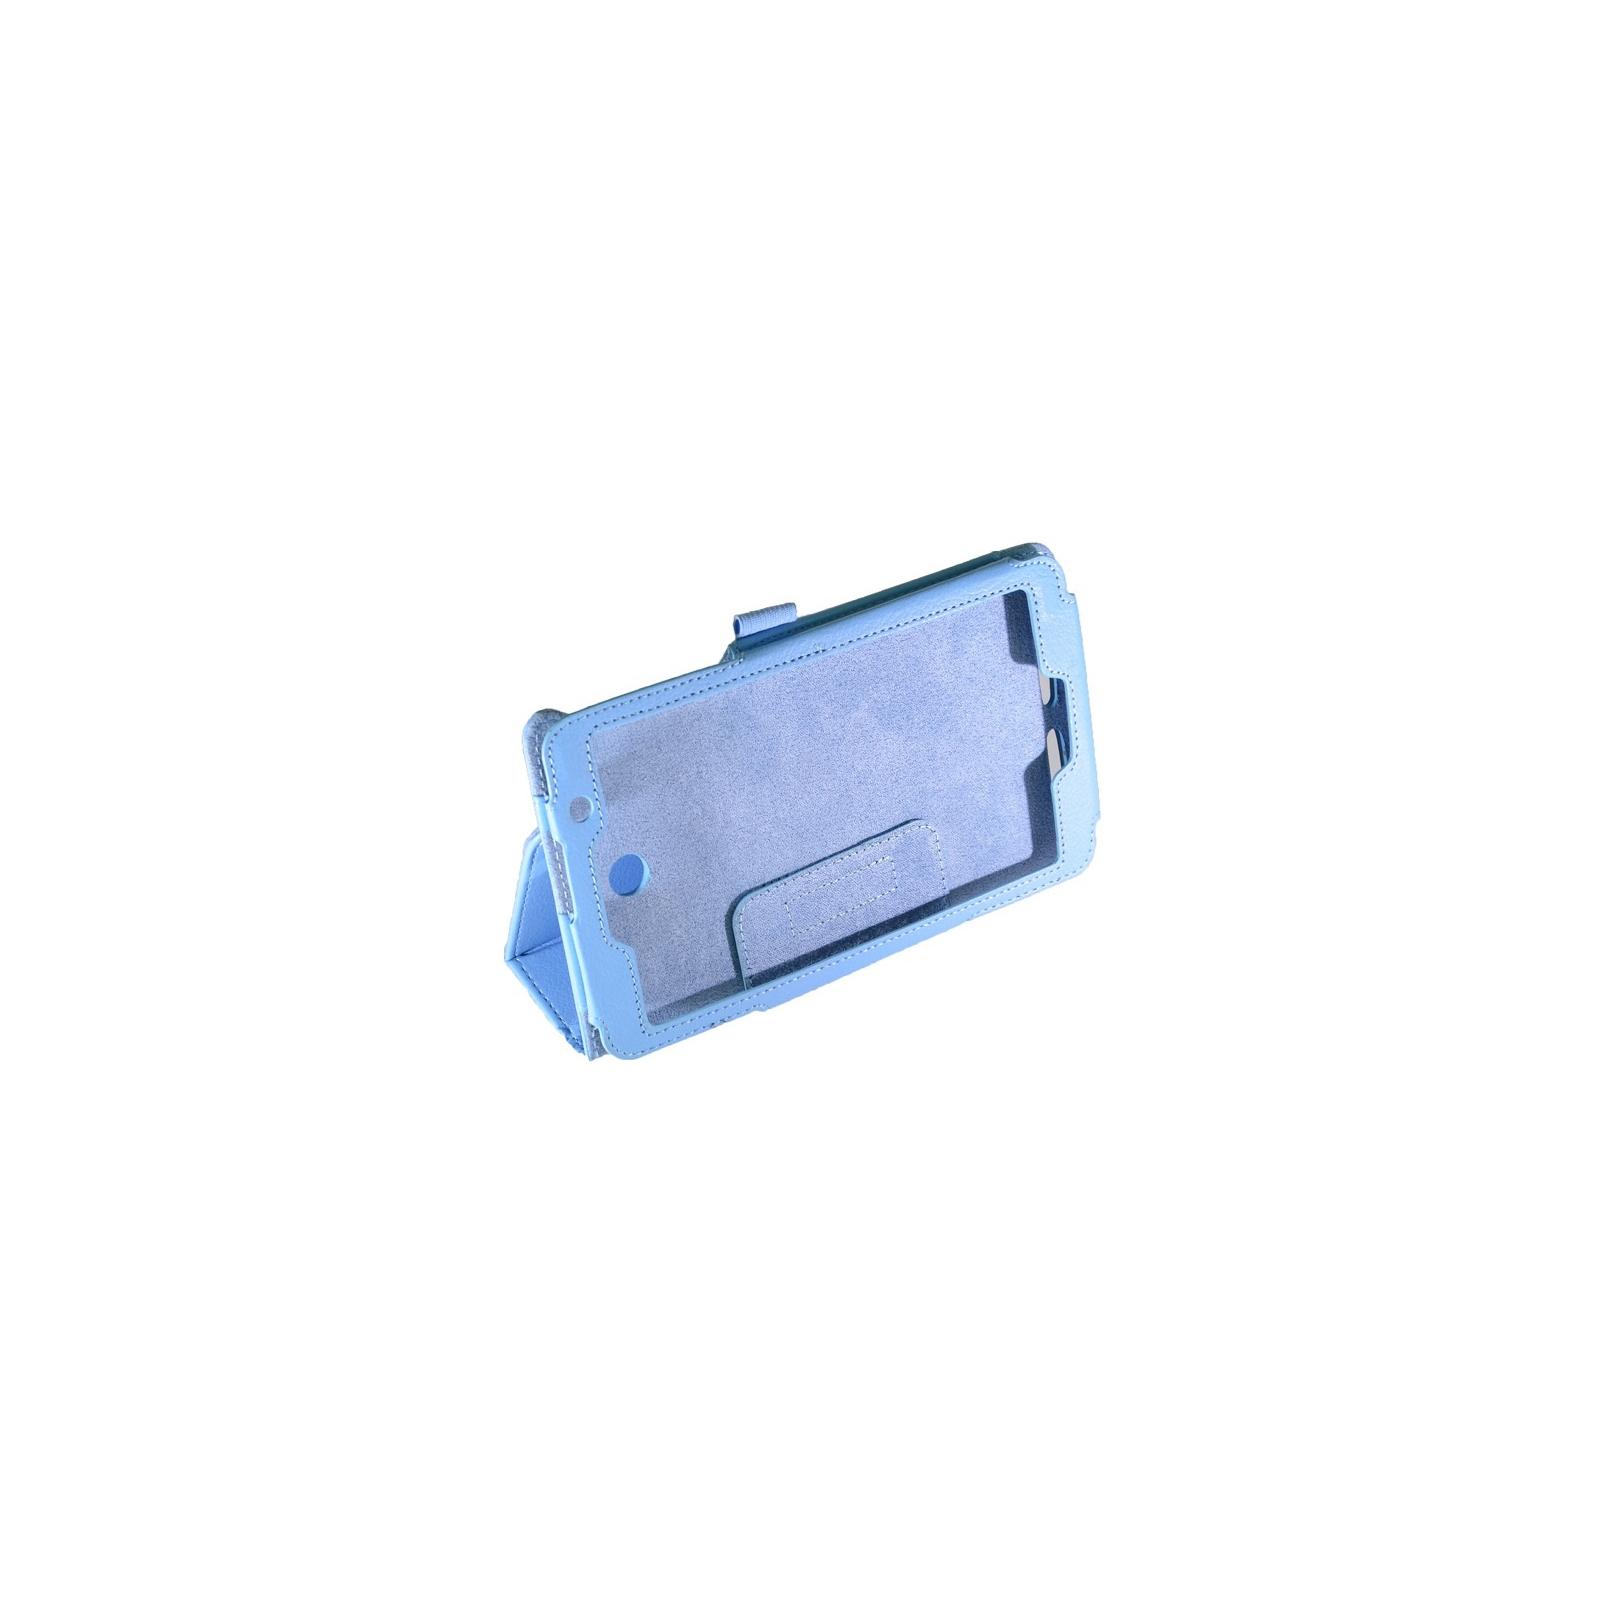 """Чехол для планшета Pro-case 7"""" Asus MeMOPad HD 7 ME176 blue (ME176bl) изображение 3"""